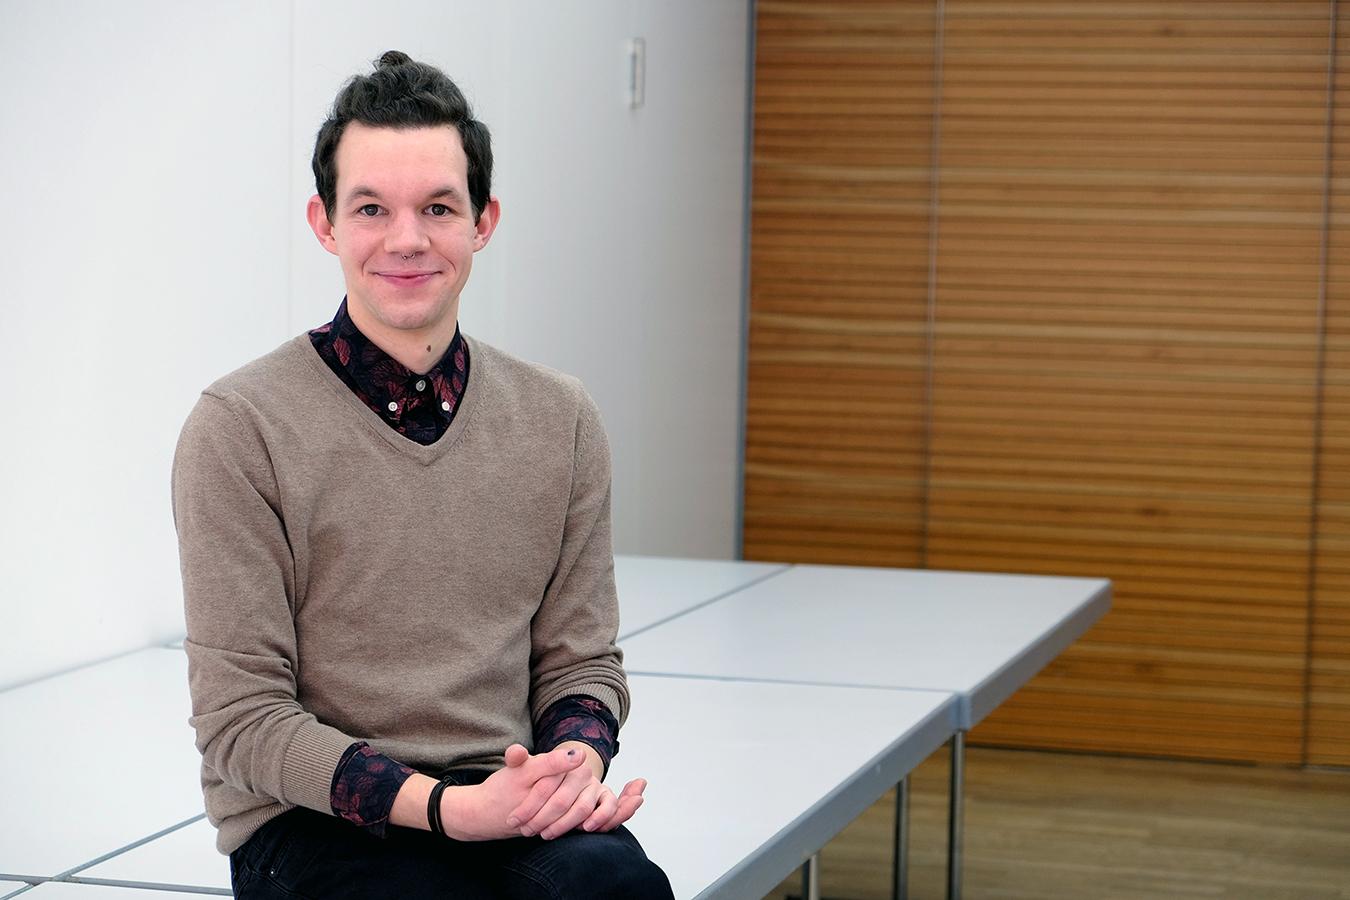 Sebastian Schmitz gehört zu den ersten Studierenden des Ergänzungsfachs Darstellendes Spiel in Landau. Schmitz möchte seine neuen Kompetenzen nutzen, um den Unterricht freier und kreativer zu gestalten. Foto: Lisa Leyerer